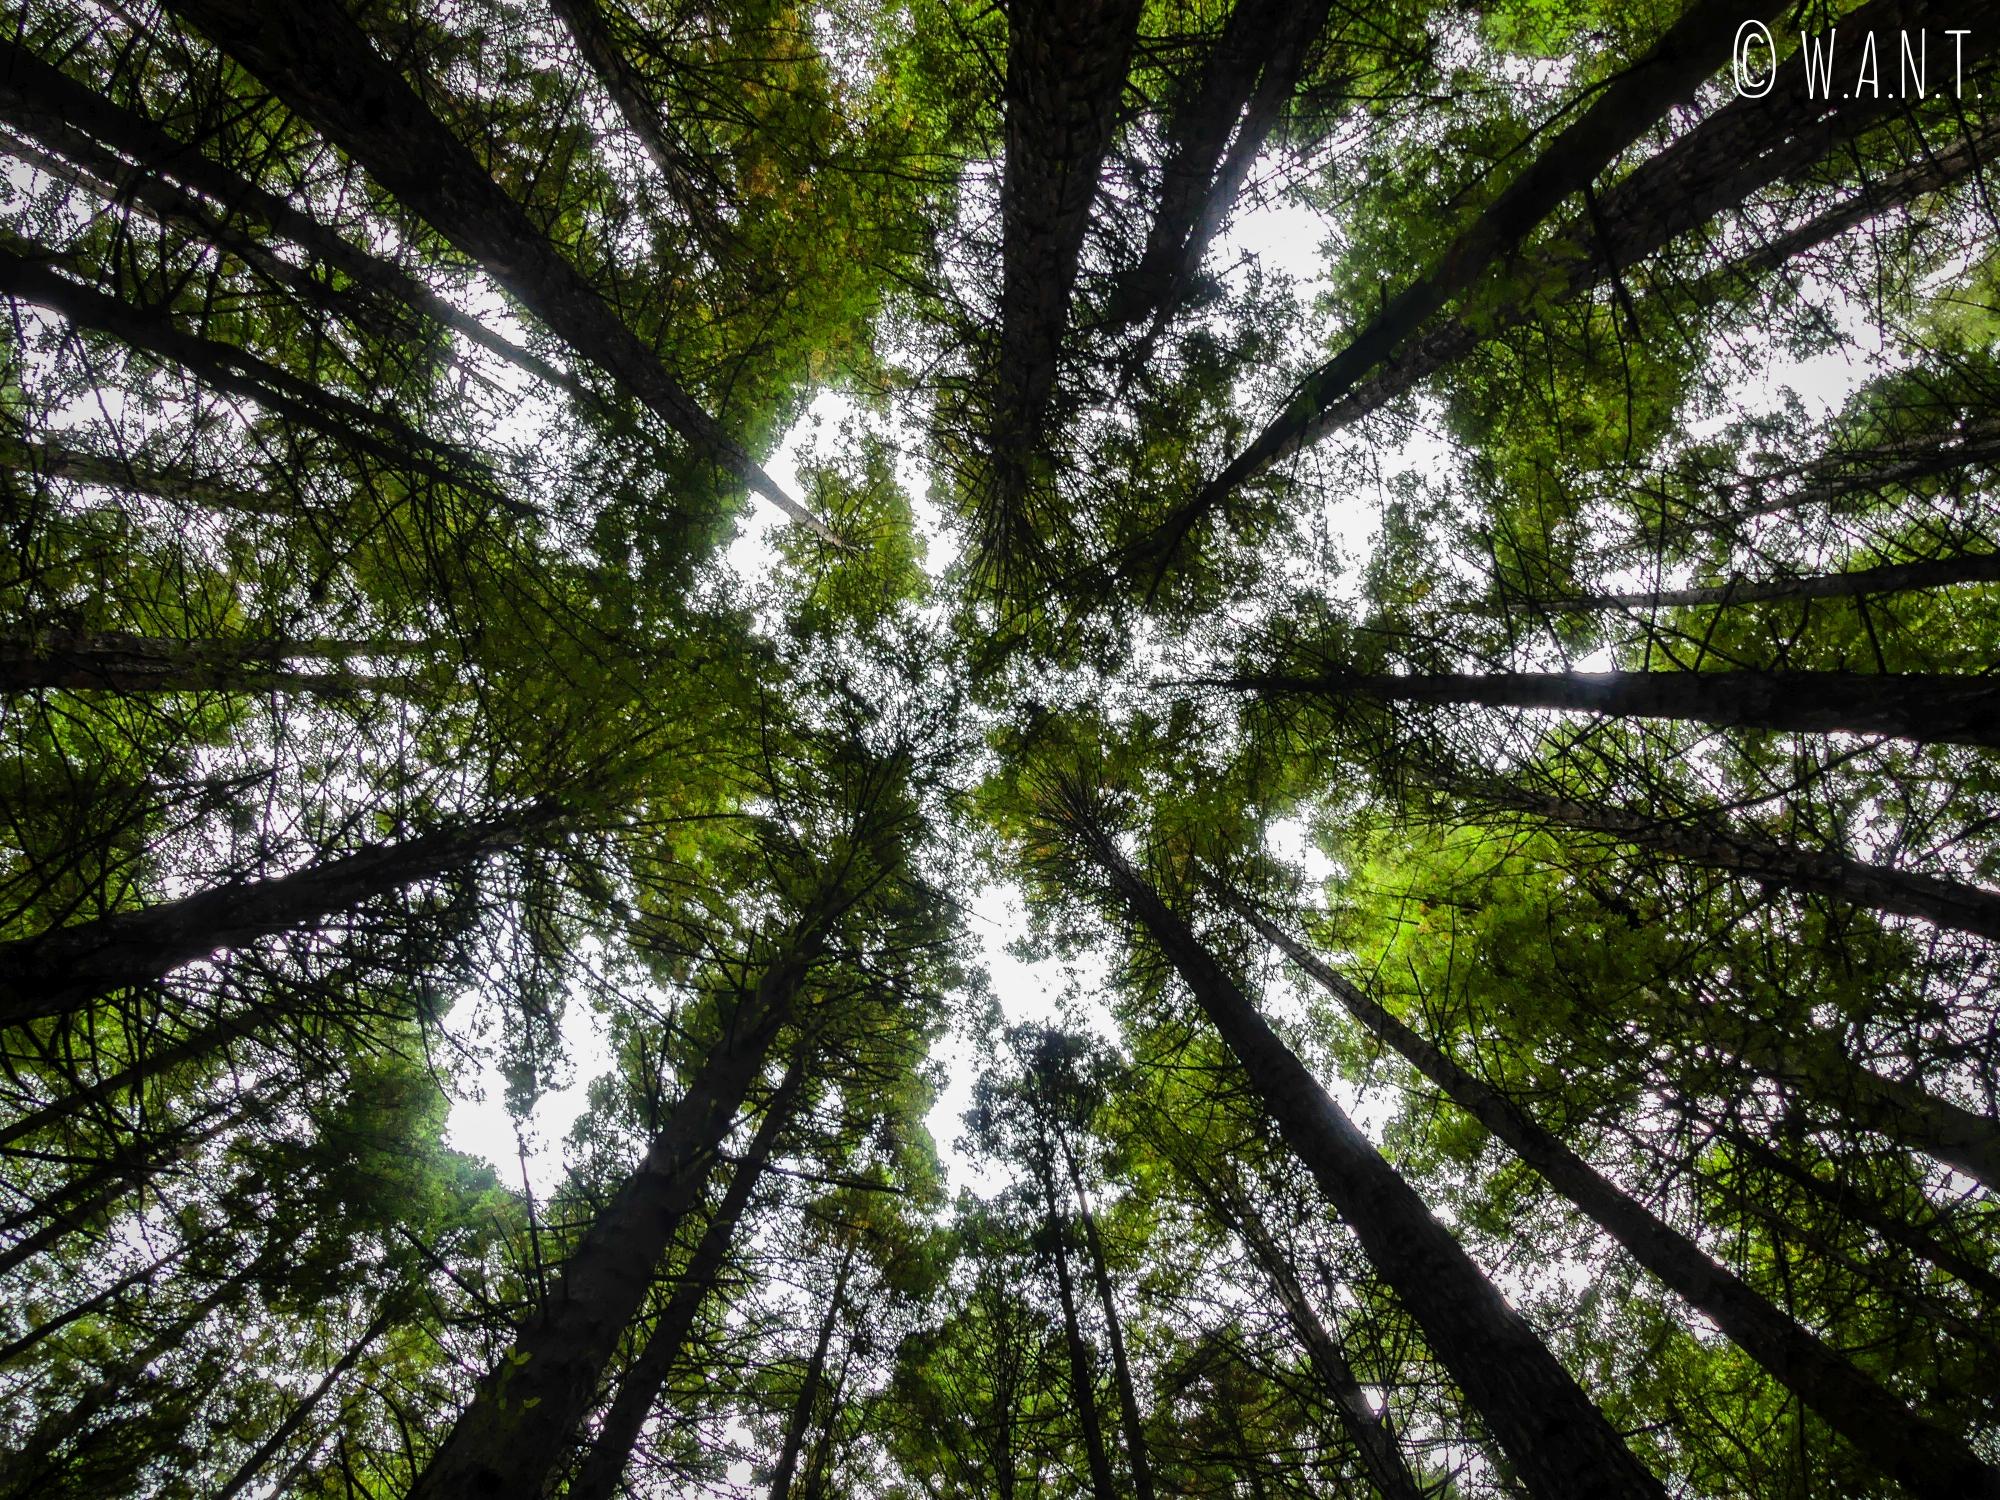 Canopée de la Redwoods Forest, près de Rotorua en Nouvelle-Zélande